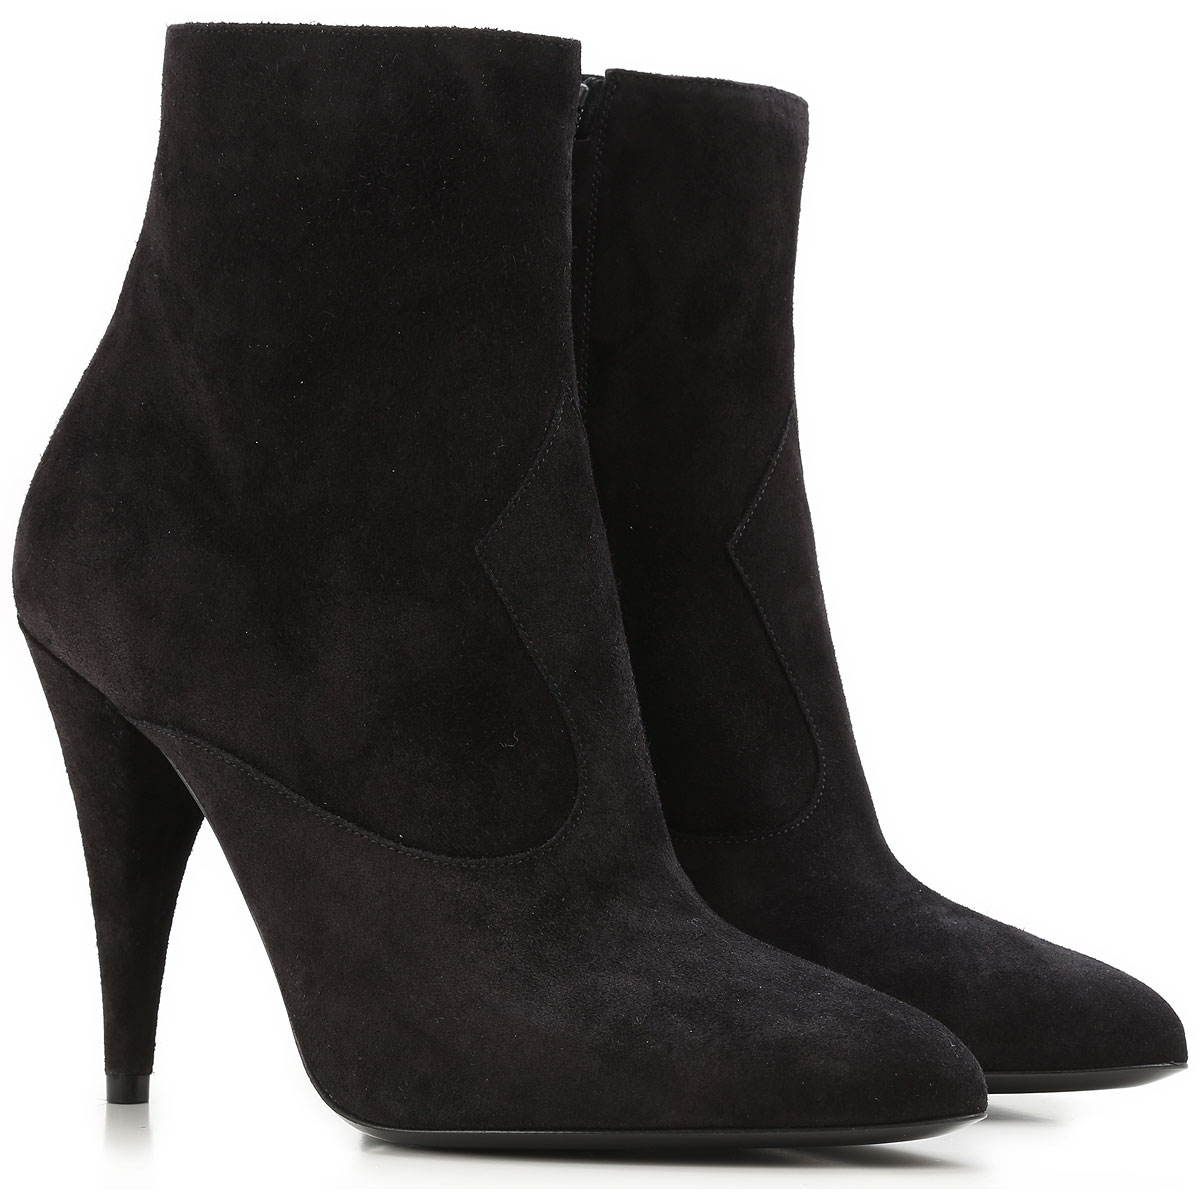 chaussures femme yves saint laurent code produit 404354 clt00 1000. Black Bedroom Furniture Sets. Home Design Ideas